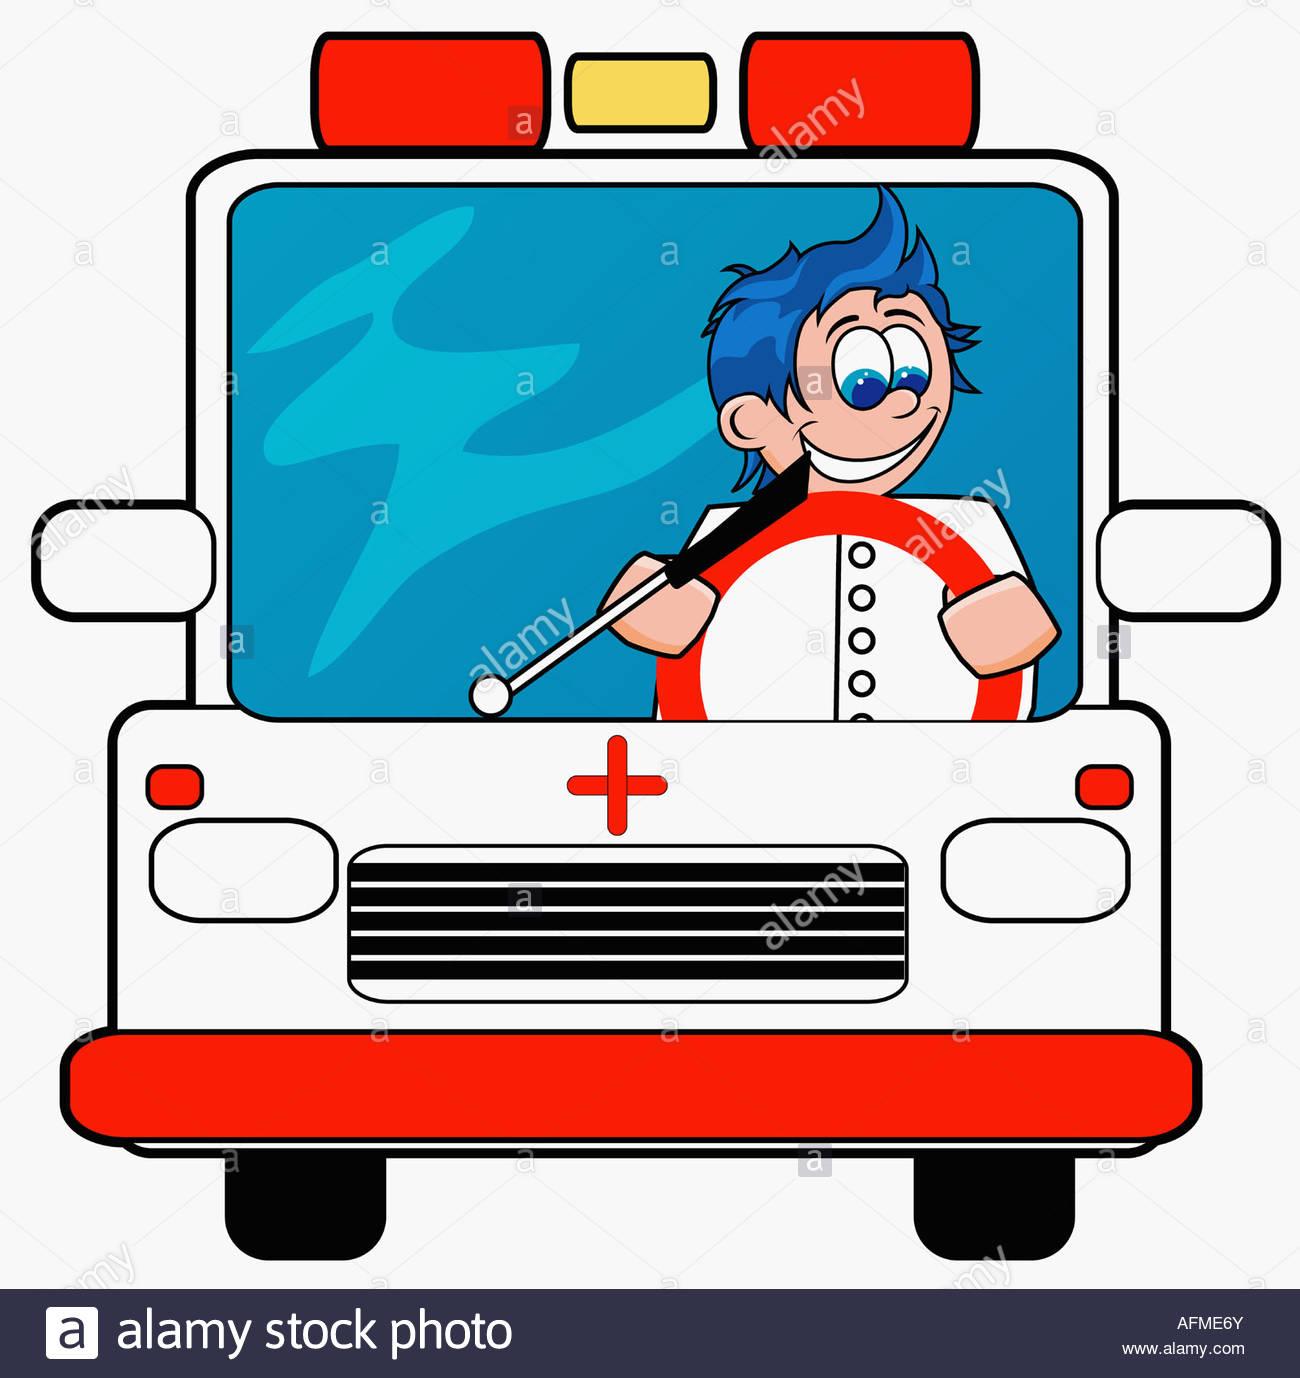 1300x1378 Ambulance Driver Driving An Ambulance Stock Photo, Royalty Free